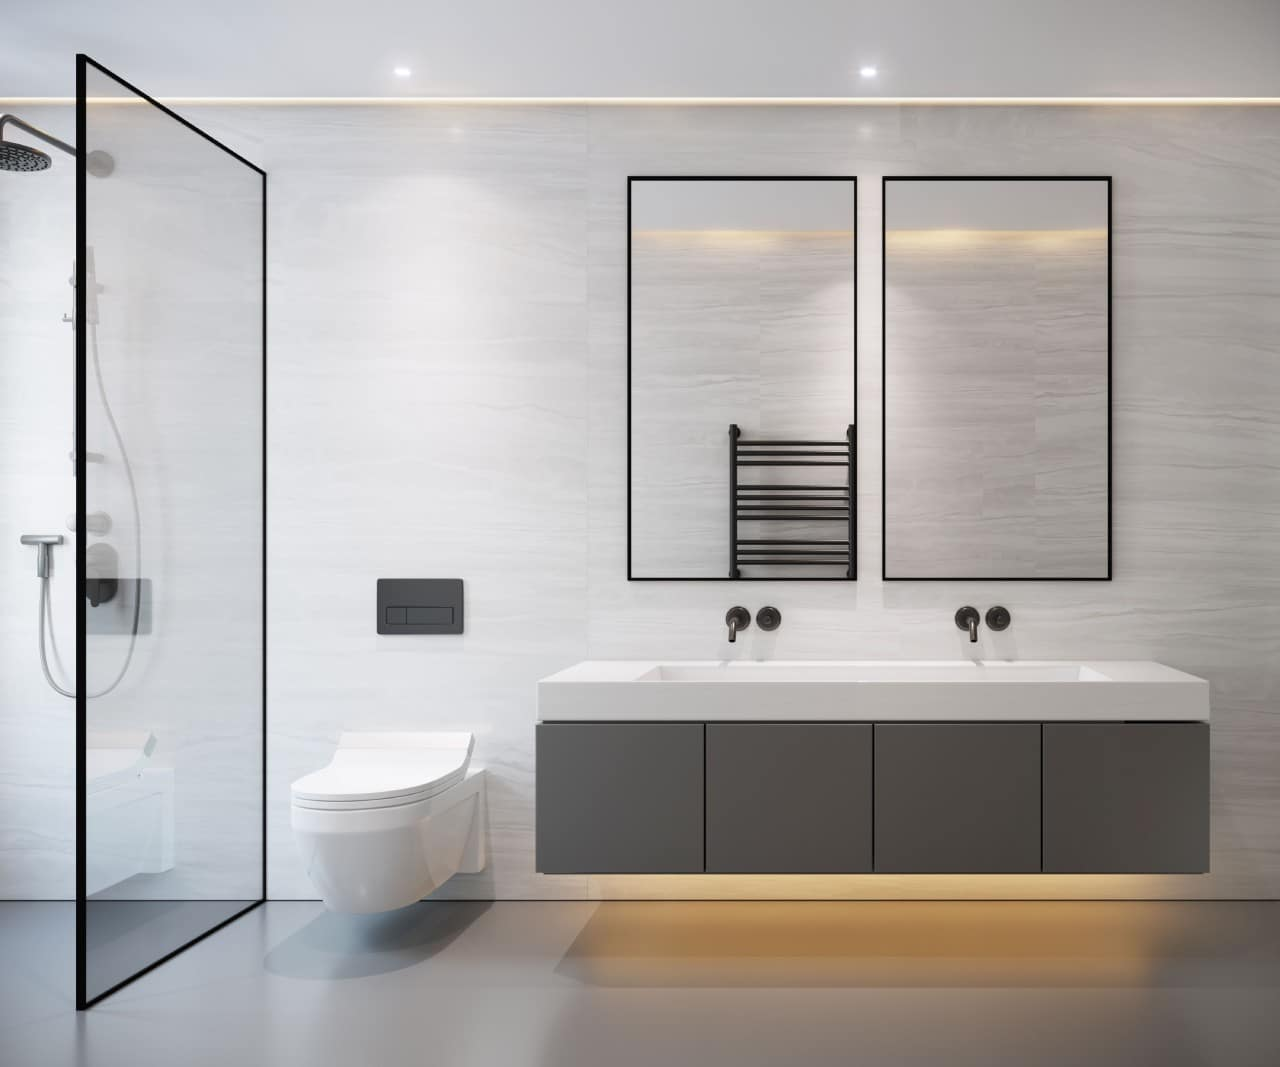 szara łazienka zprysznicem wc idwoma lustrami nad umywalką zpodświetleniem